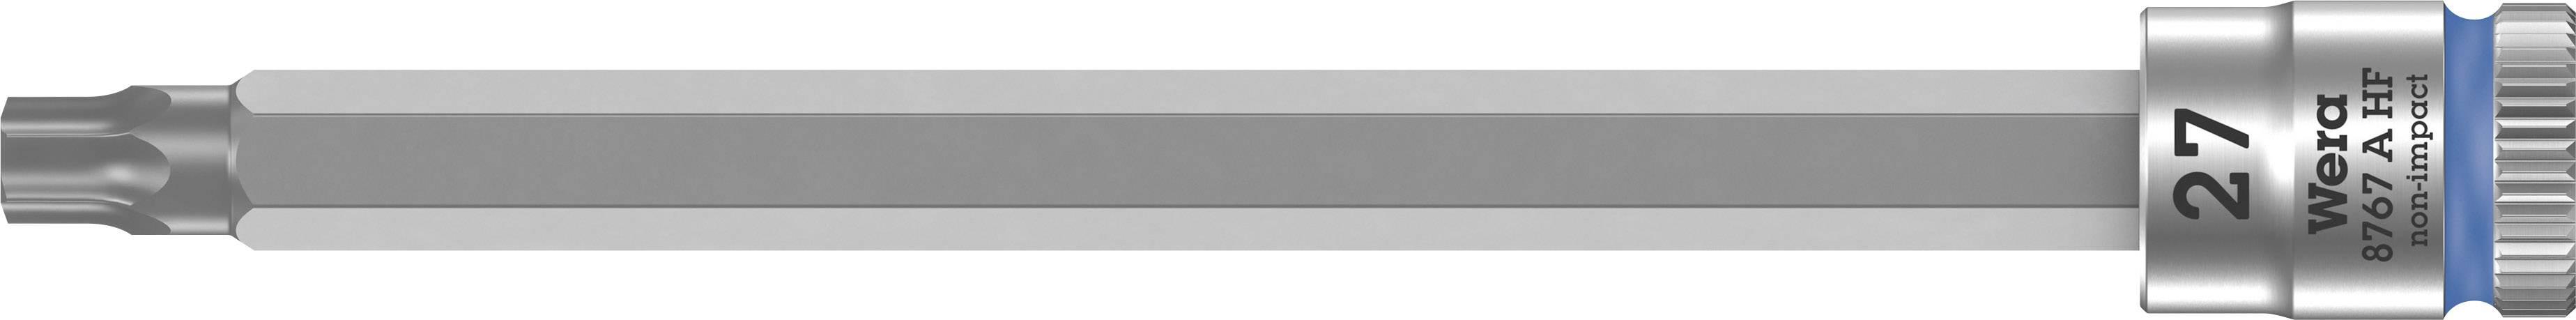 """Nástrčný kľúč, Torx Wera 8767 A 05003368001, 1/4"""" (6,3 mm), chróm-vanadiová oceľ"""